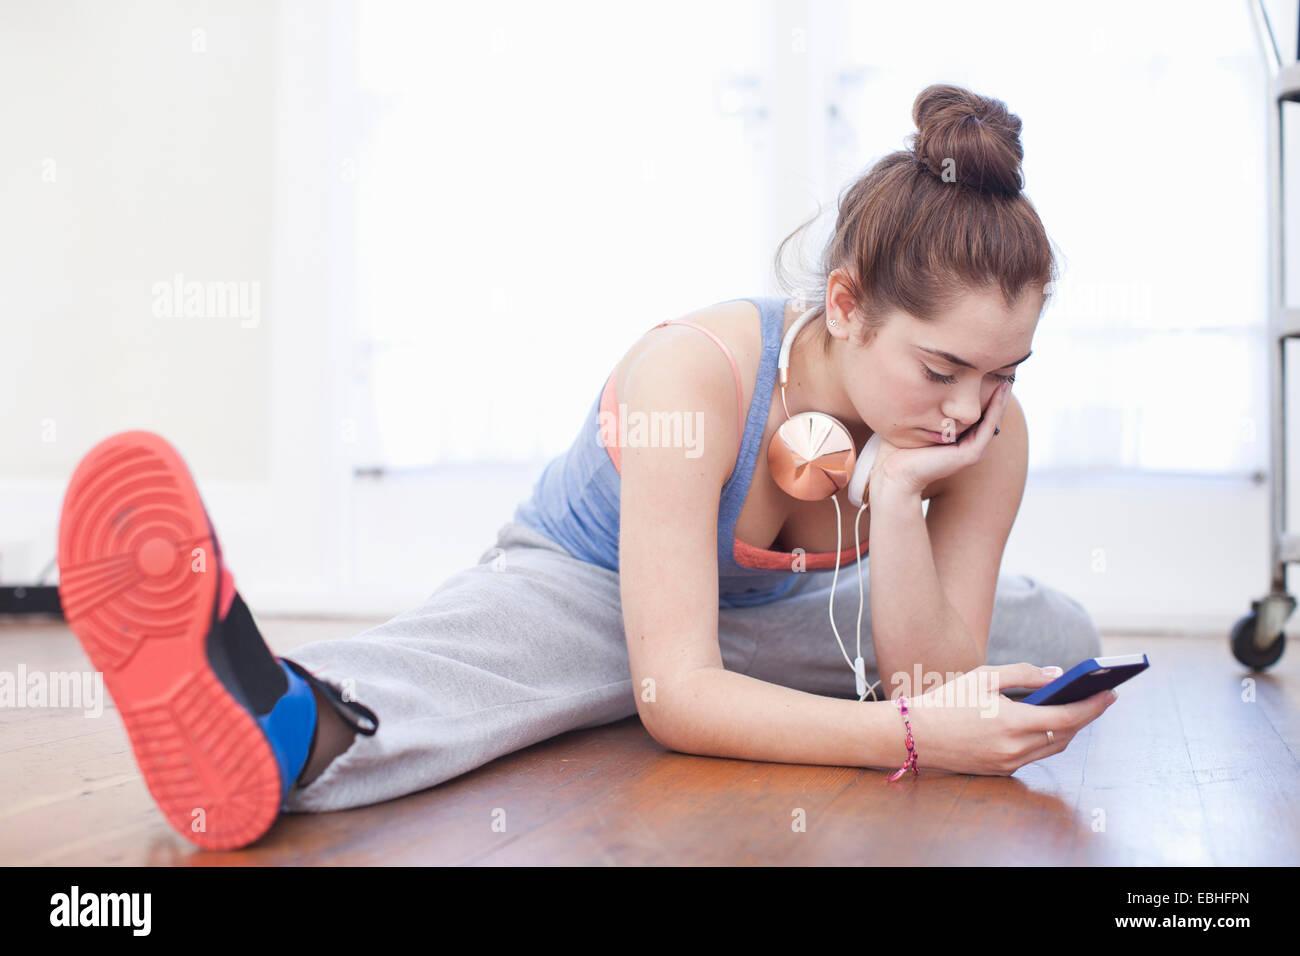 Ragazza adolescente in fase di riscaldamento e guardando smartphone nella scuola di danza Foto Stock